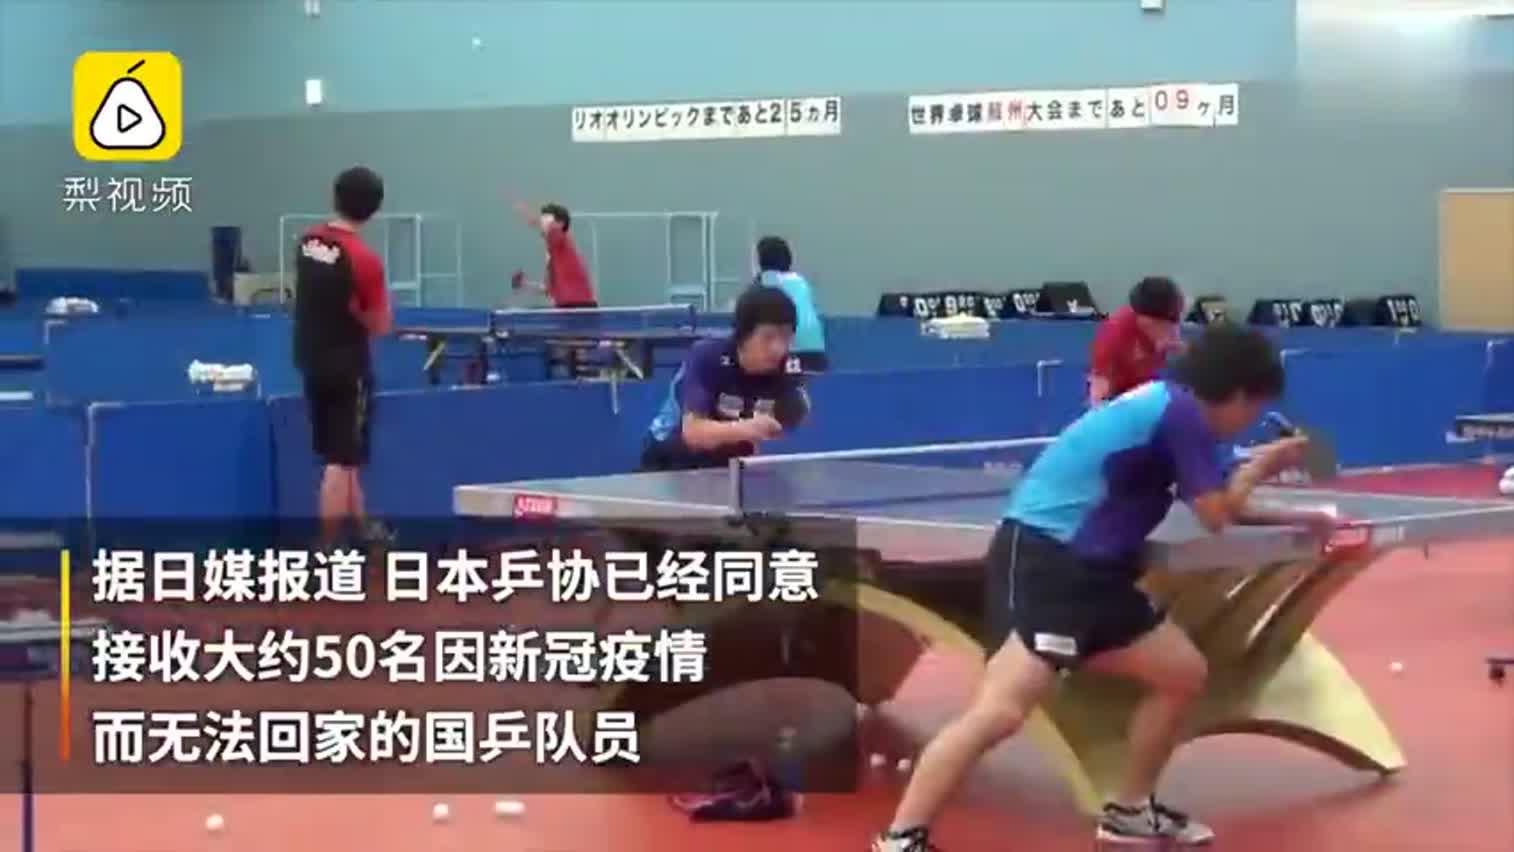 ,团体世乒赛后可在日本训练至6月份